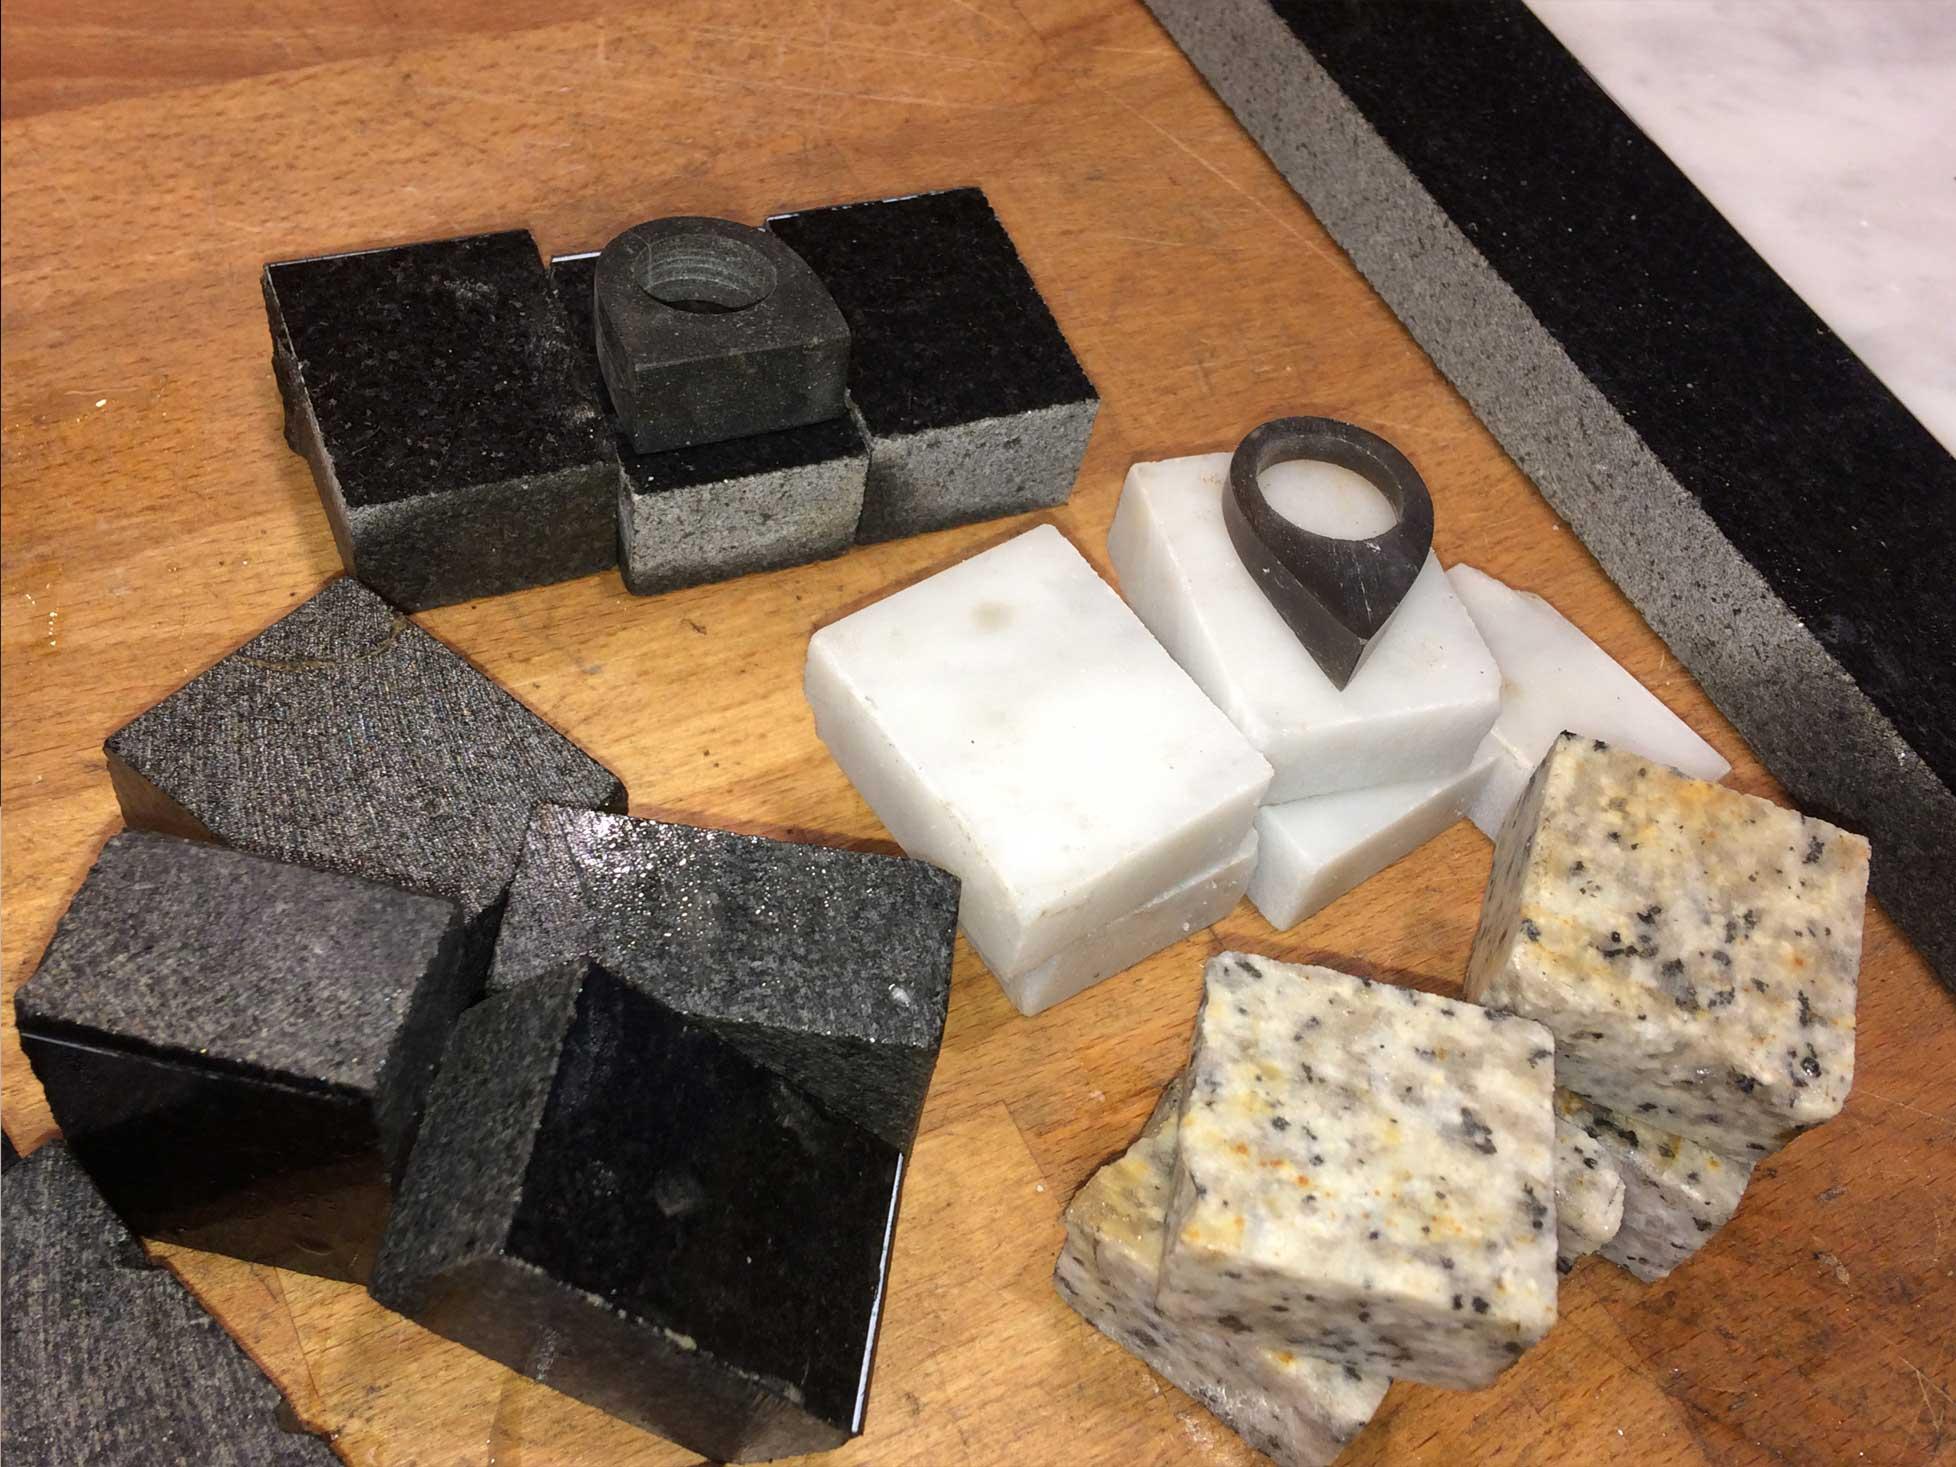 Produktudvikling og Industrielt Design Fremstilling af prototyper af smykker i sten og ædelsten 4